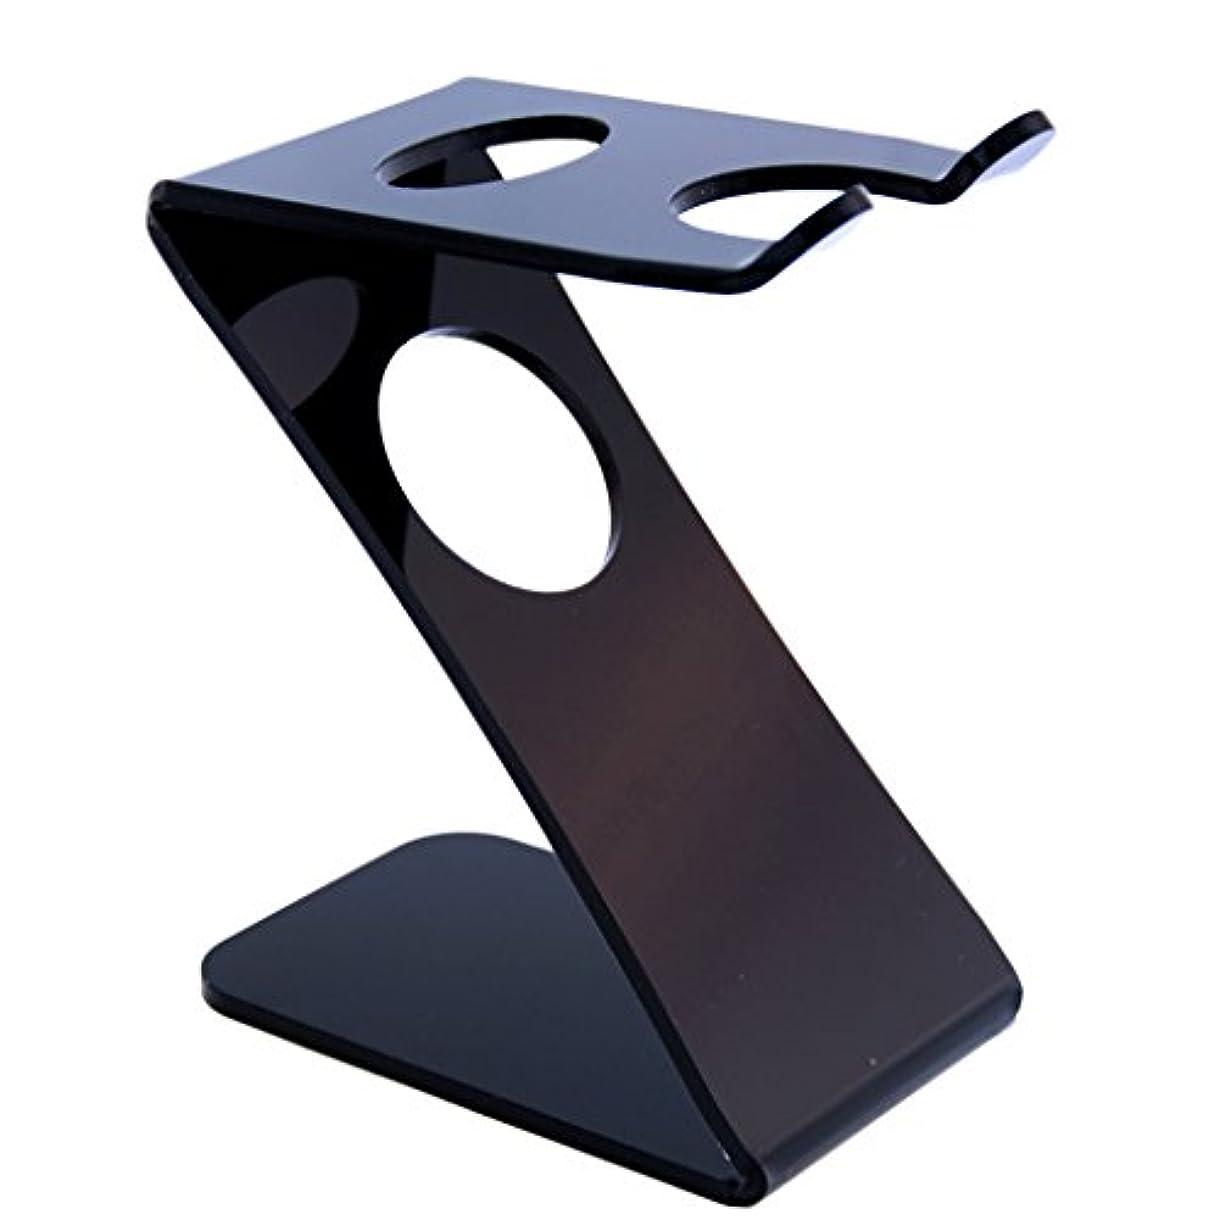 長方形男らしい嘆くプラスチック シェービングブラシ用 髭剃り ホルダー スタンド ブラック 清潔 乾く安い